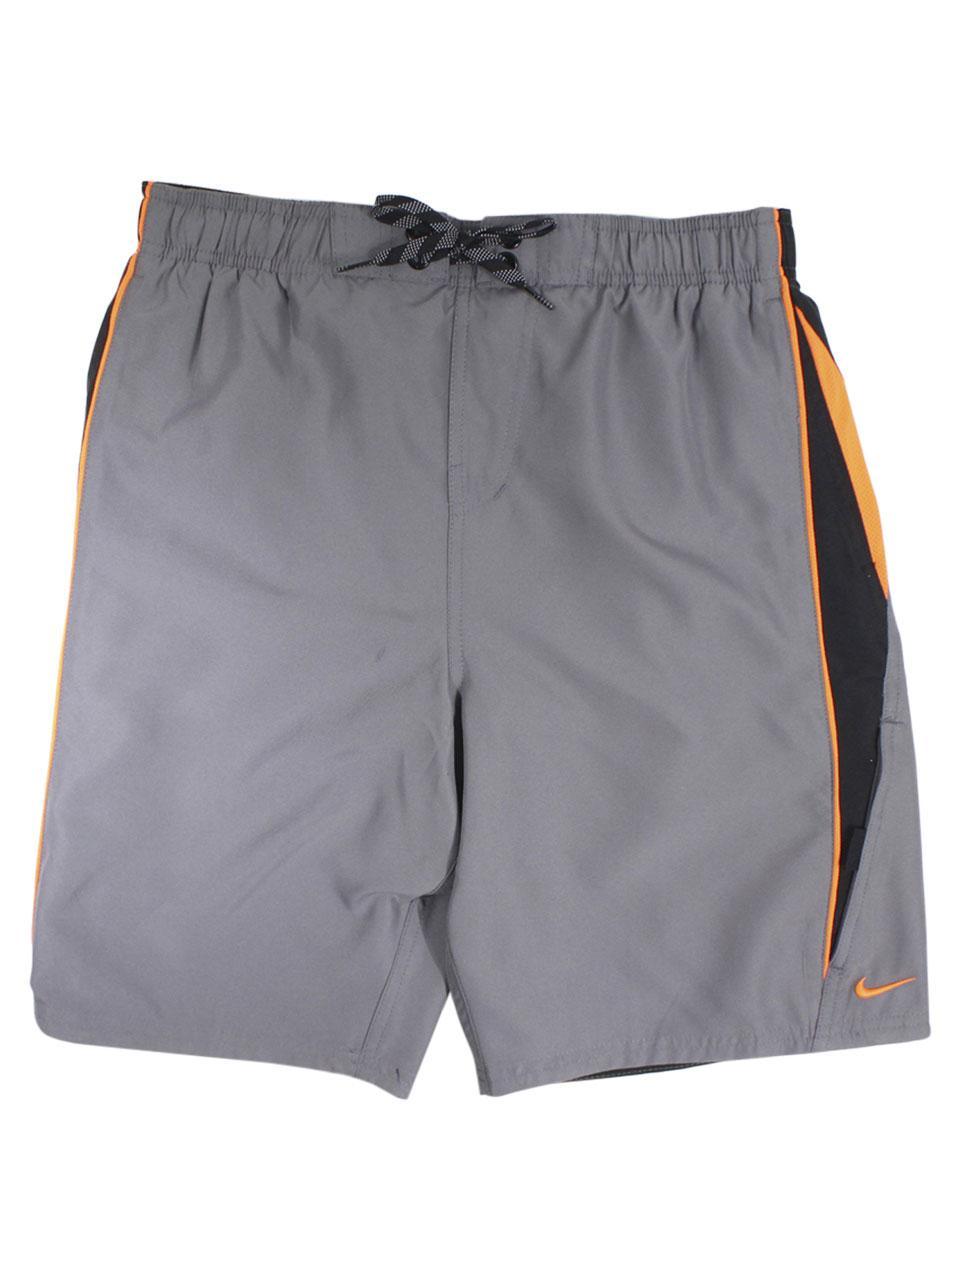 Nike Men's Contend 9-Inch Trunks Swimwear